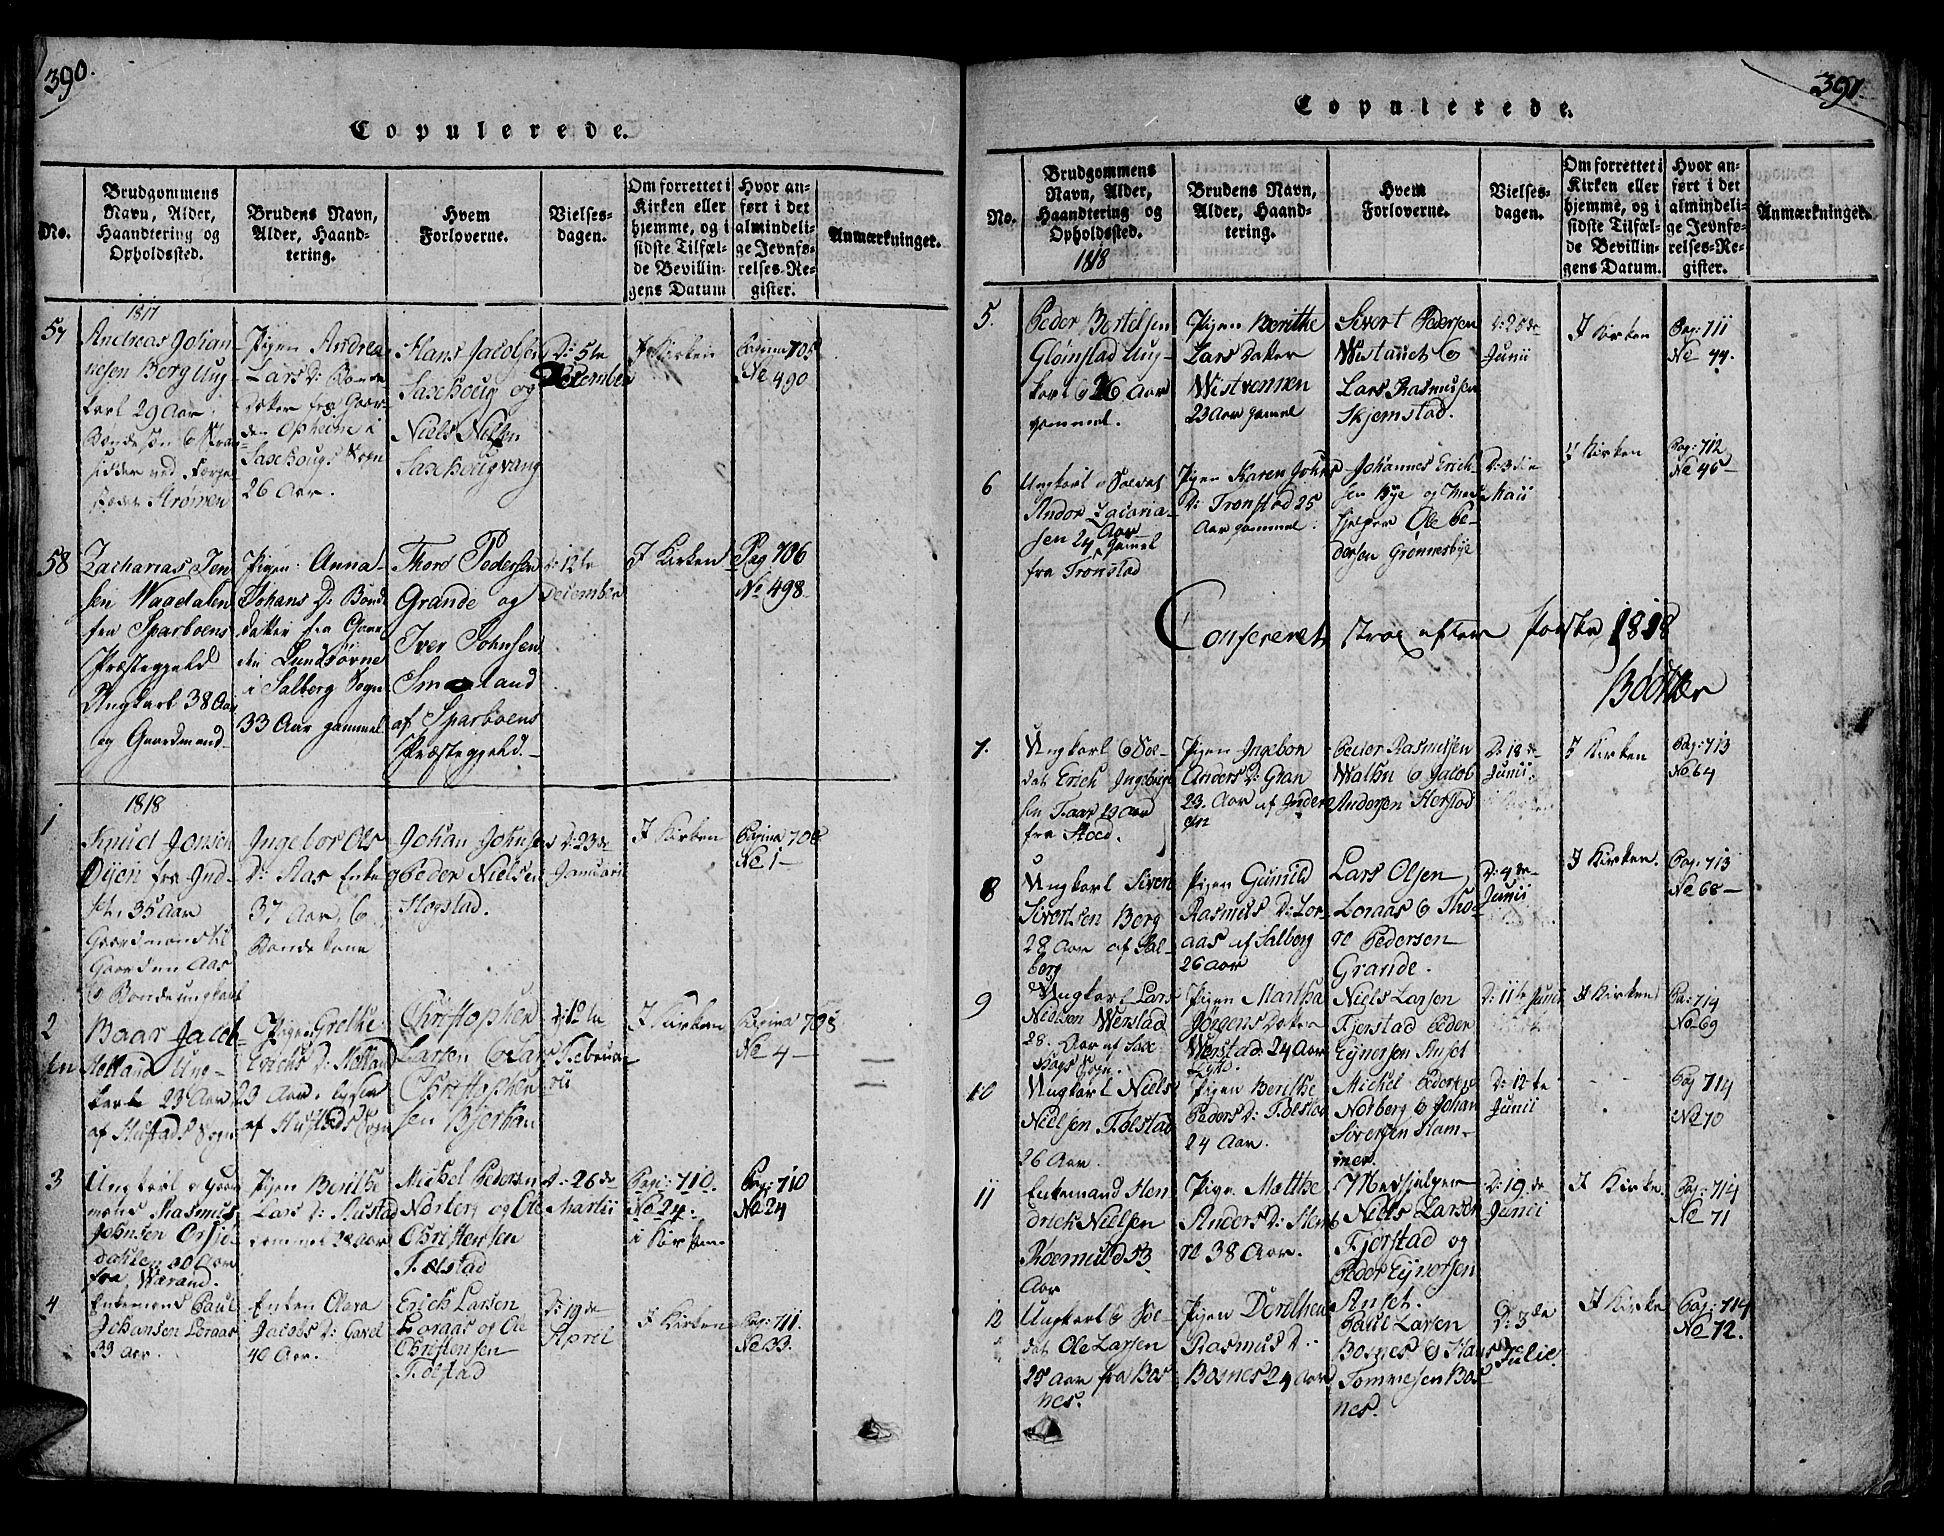 SAT, Ministerialprotokoller, klokkerbøker og fødselsregistre - Nord-Trøndelag, 730/L0275: Ministerialbok nr. 730A04, 1816-1822, s. 390-391